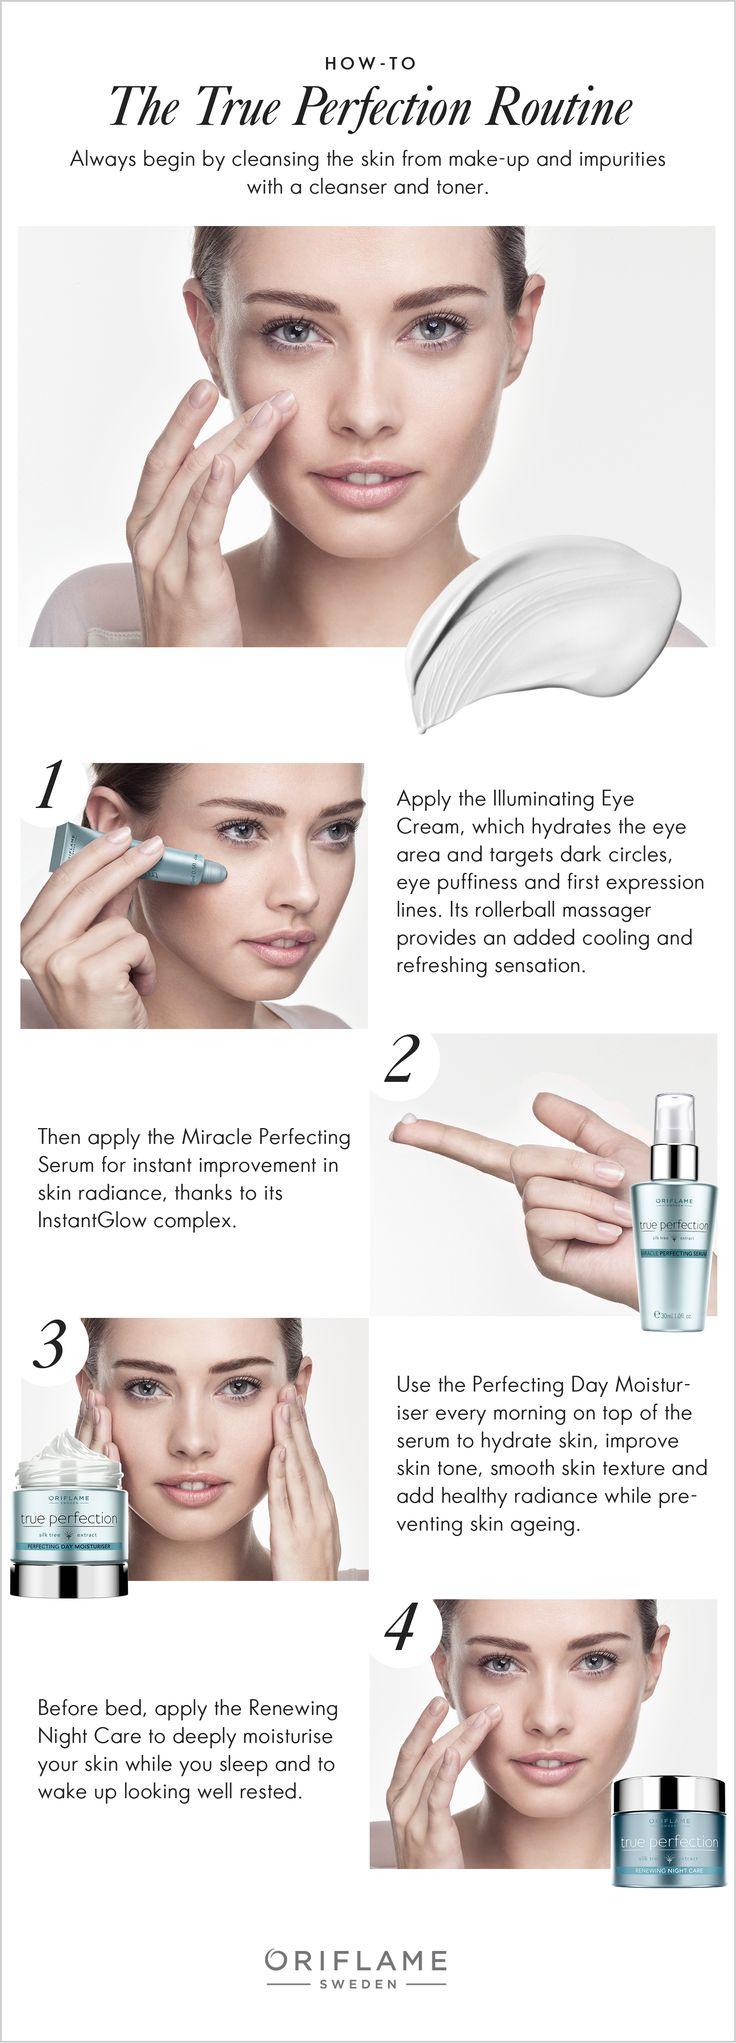 Experimenta mayor resplandor de la piel,tono y textura siguiendo una fácil rutina de cuidado de la piel de perfección verdadera. normapaez57@gmail.com